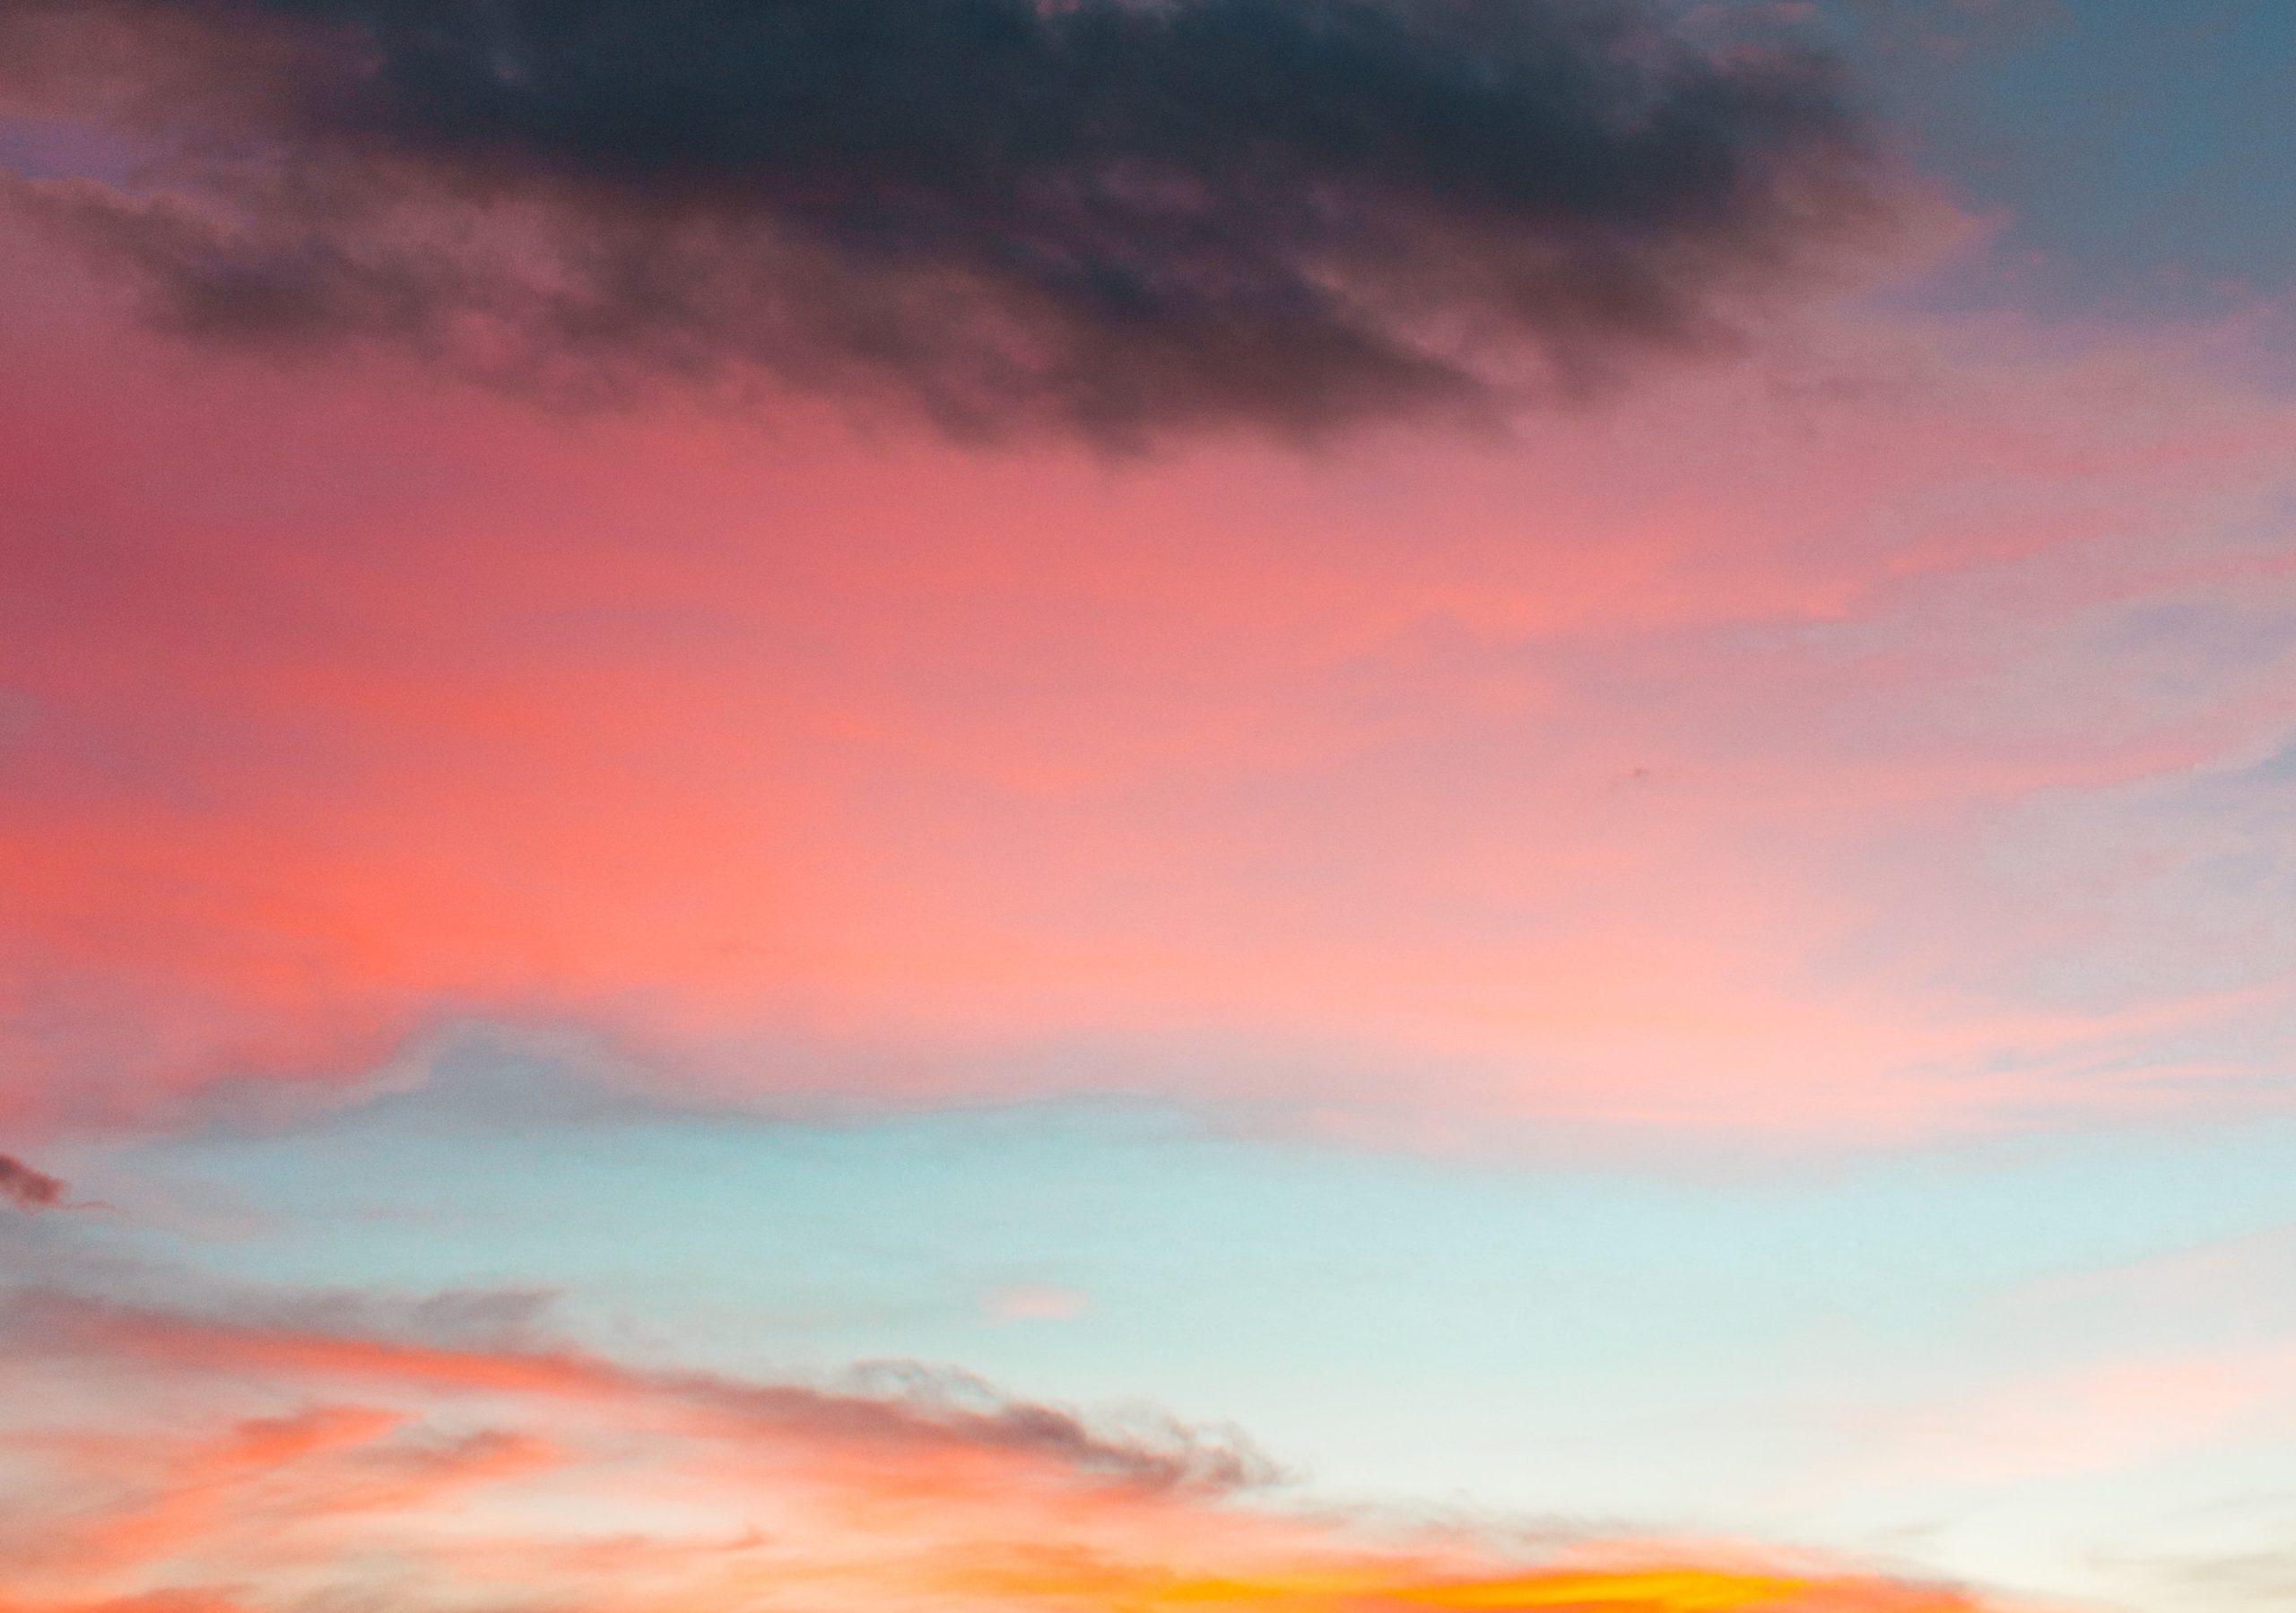 couchers de soleil - liège - unsplash - diego ph